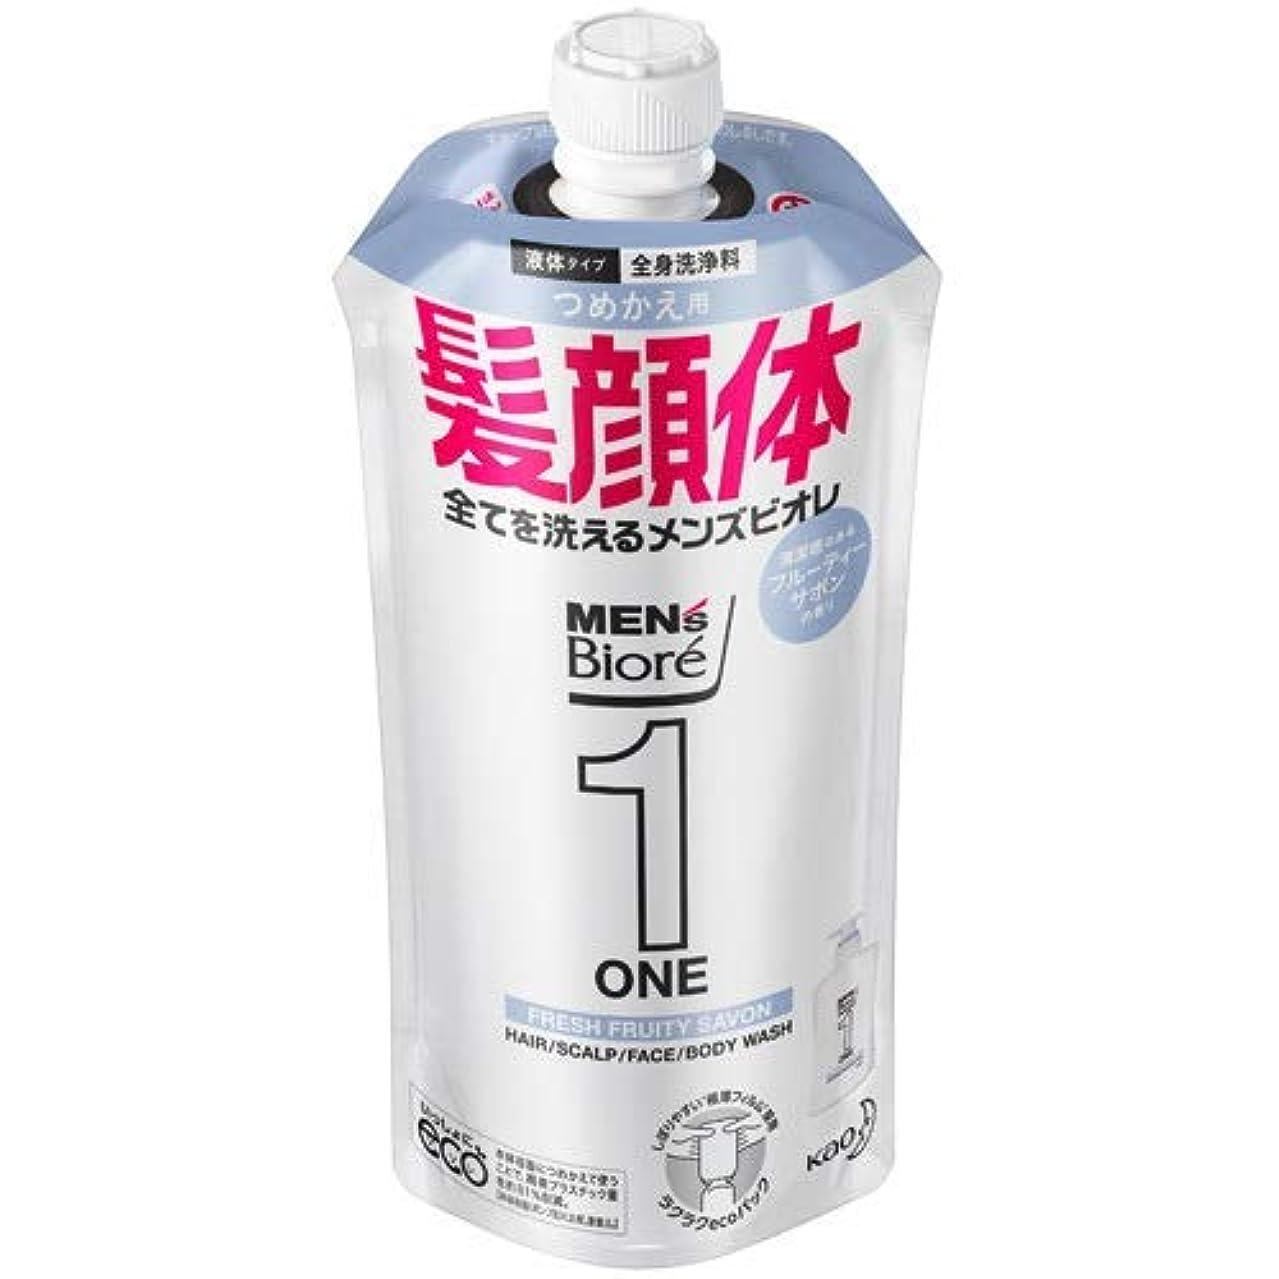 行為解く落胆する【10個セット】メンズビオレONE オールインワン全身洗浄料 清潔感のあるフルーティーサボンの香り つめかえ用 340mL